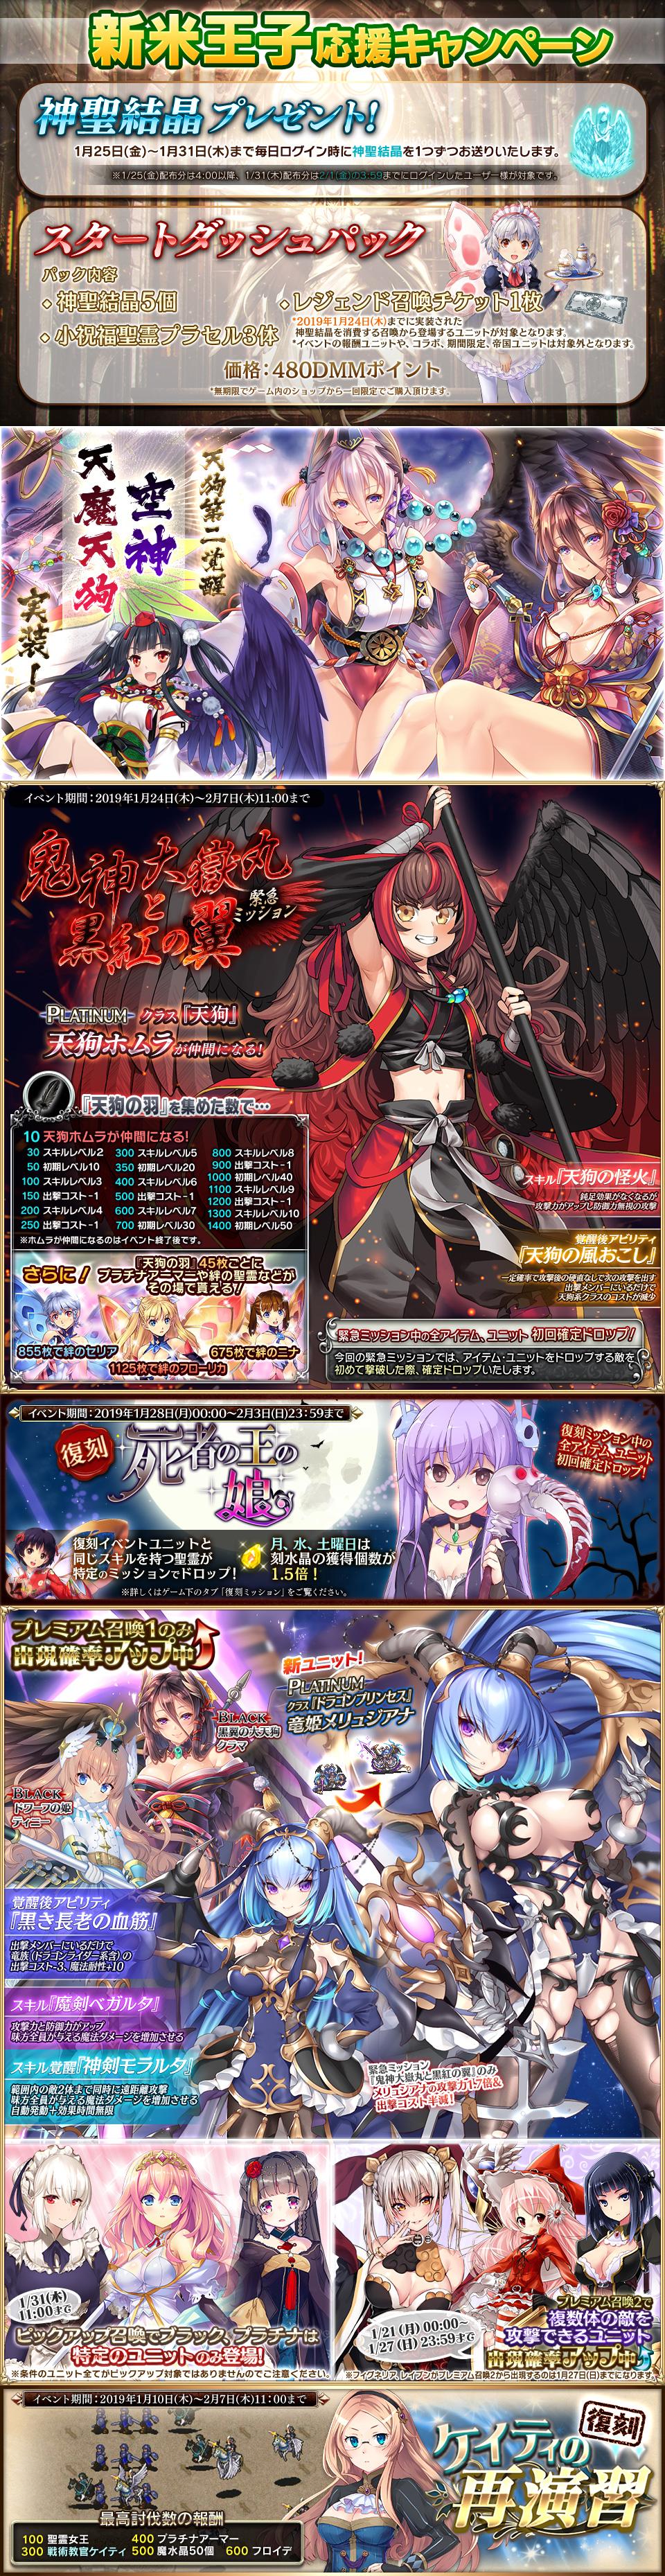 Kijin Ootakemaru and the Black Scarlet Wings